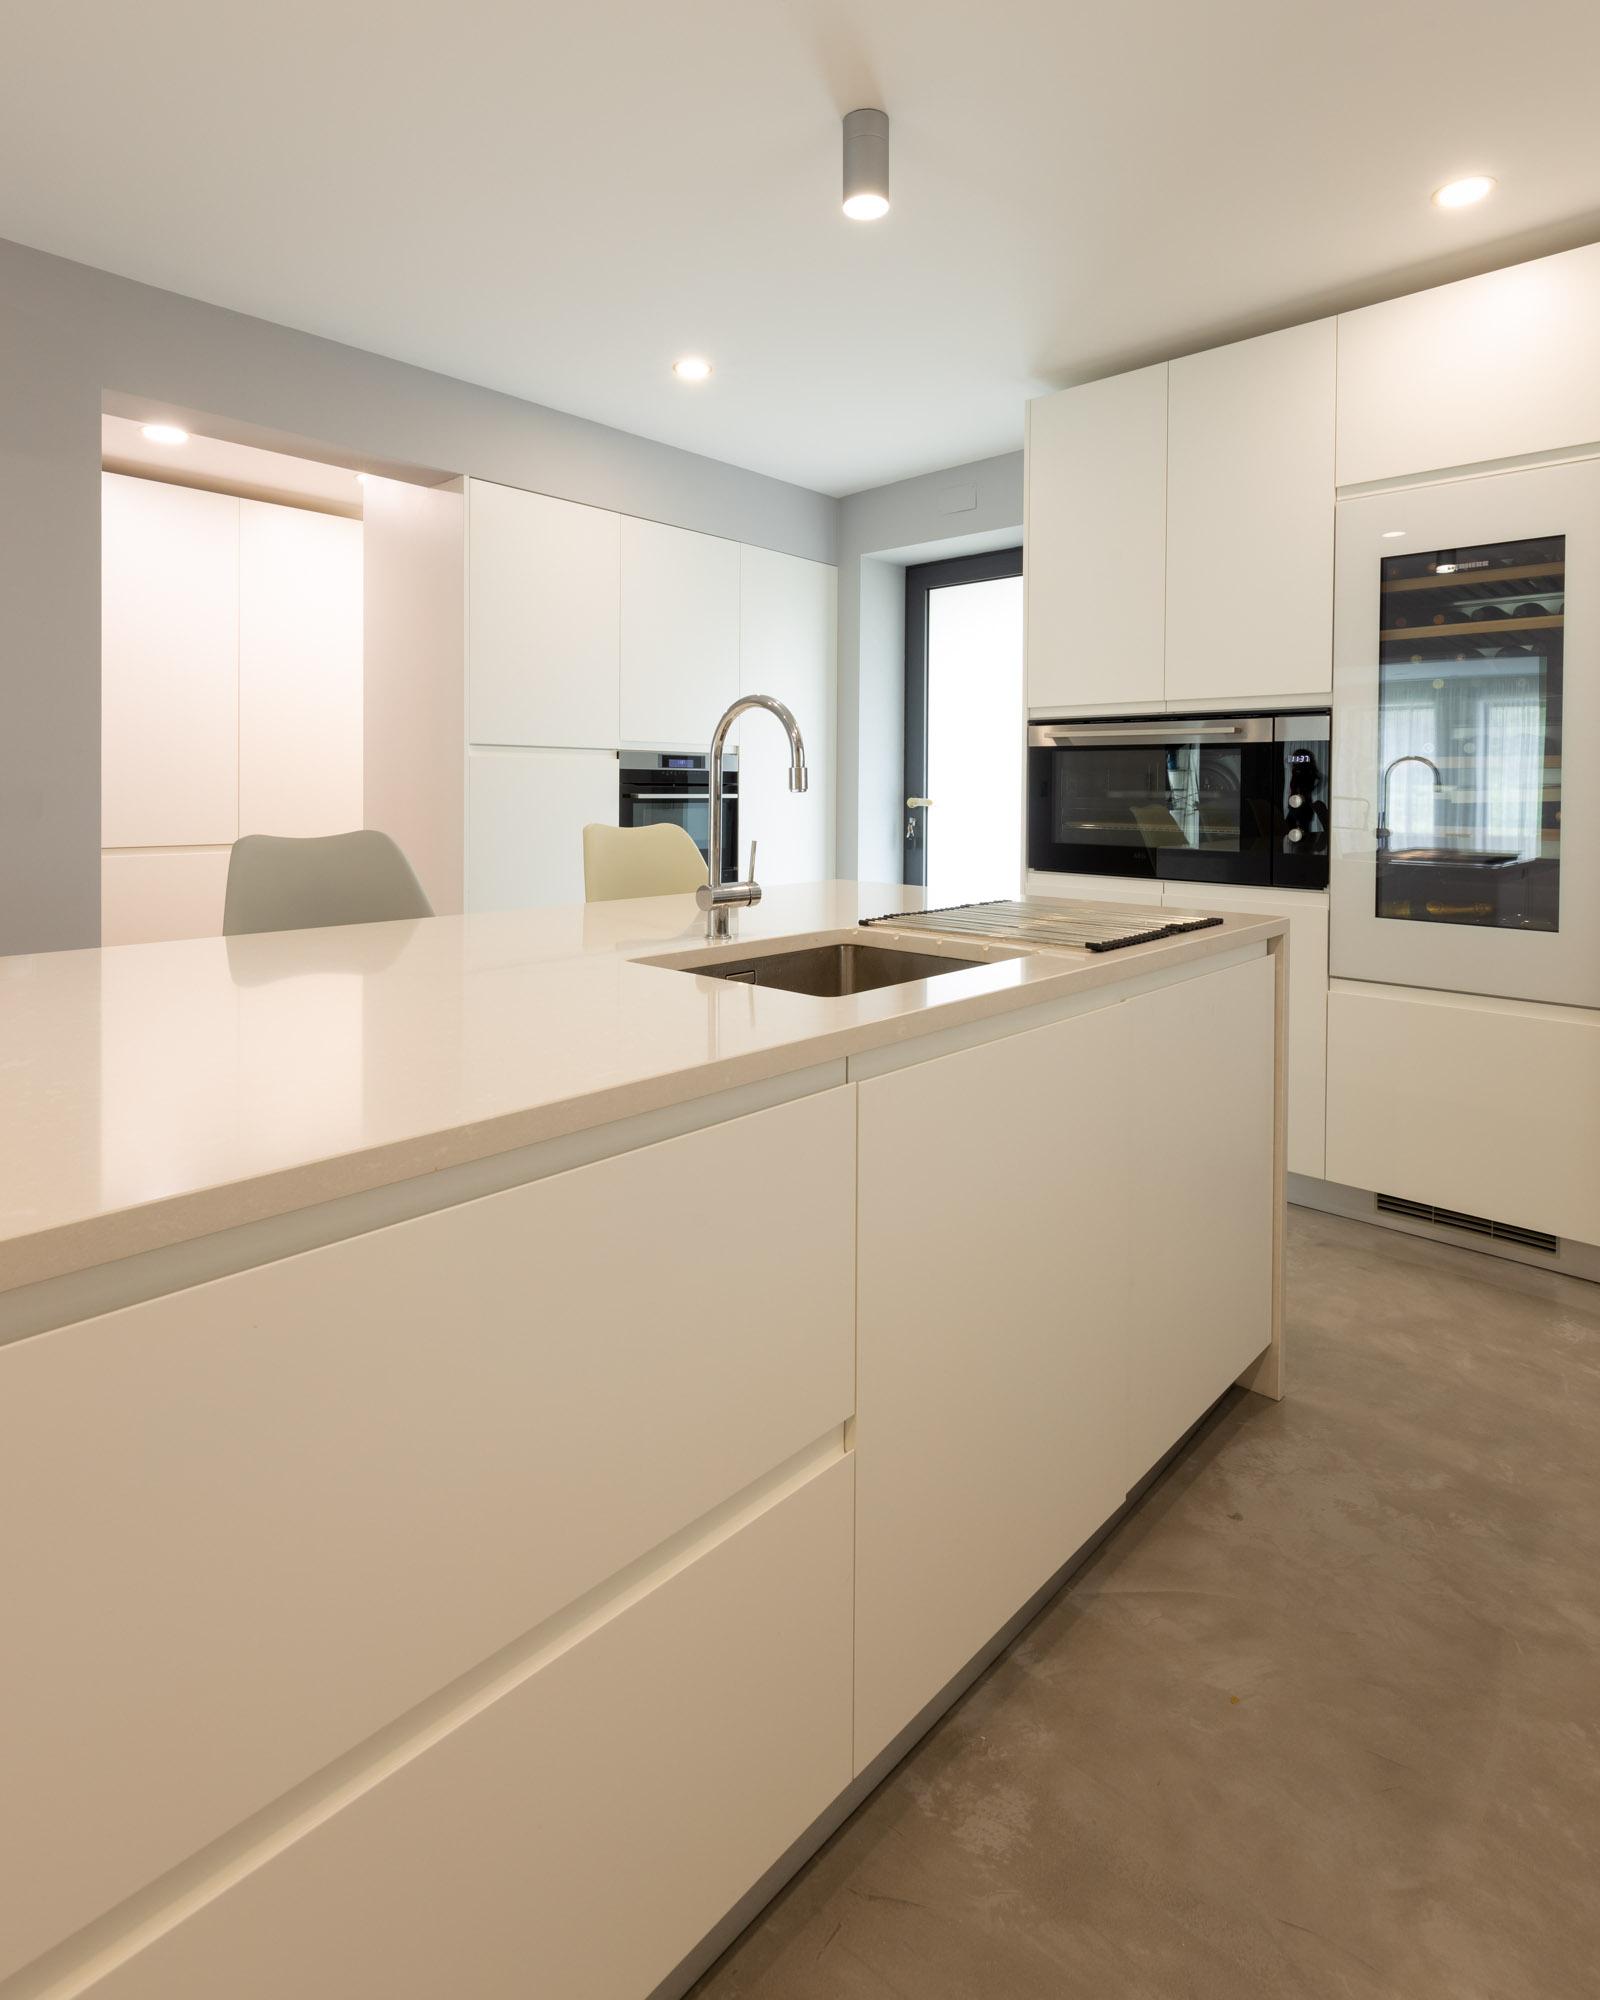 Cozinha moderna com ilha, com frentes em lacado branco mate sem puxadores, com bancada e forro de parede em Silestone Yukon, garrafeira Liebherr e forno de 90 cm